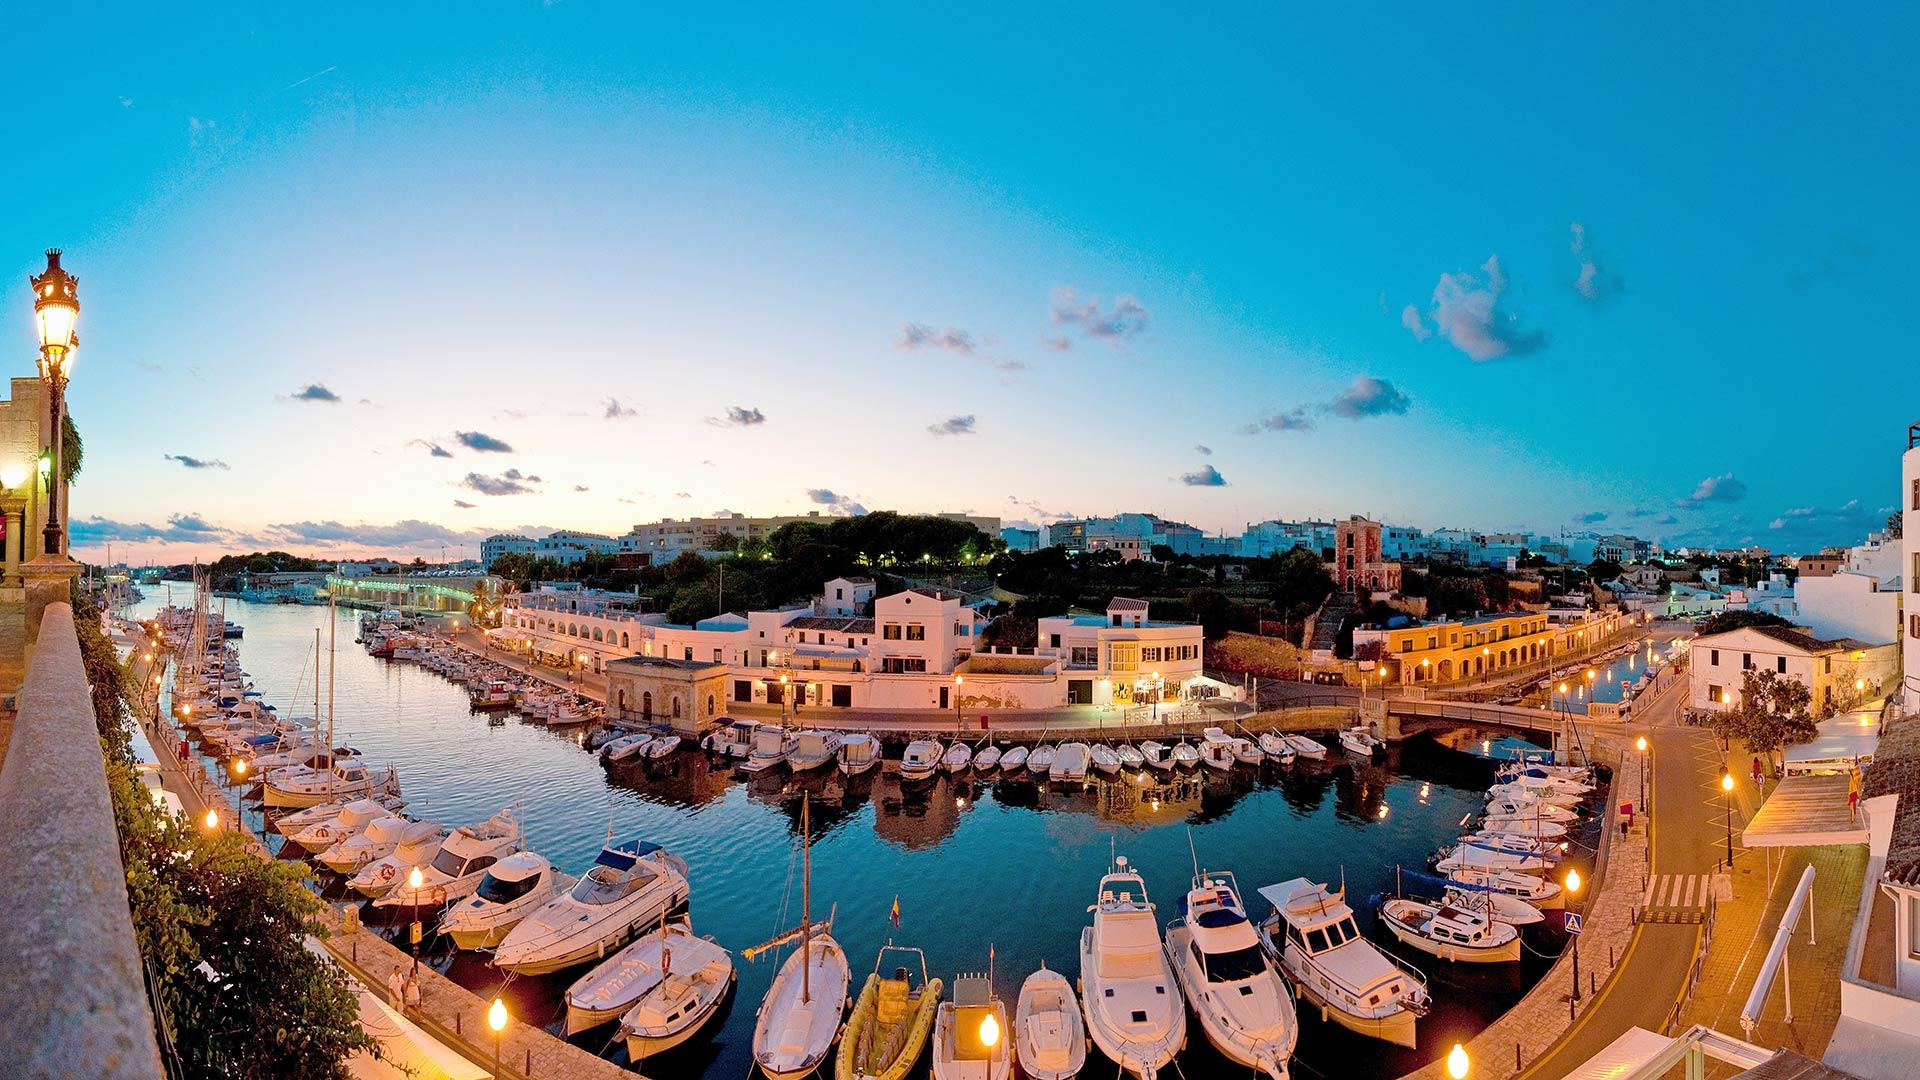 Imagen  Menorca, the island of harbours